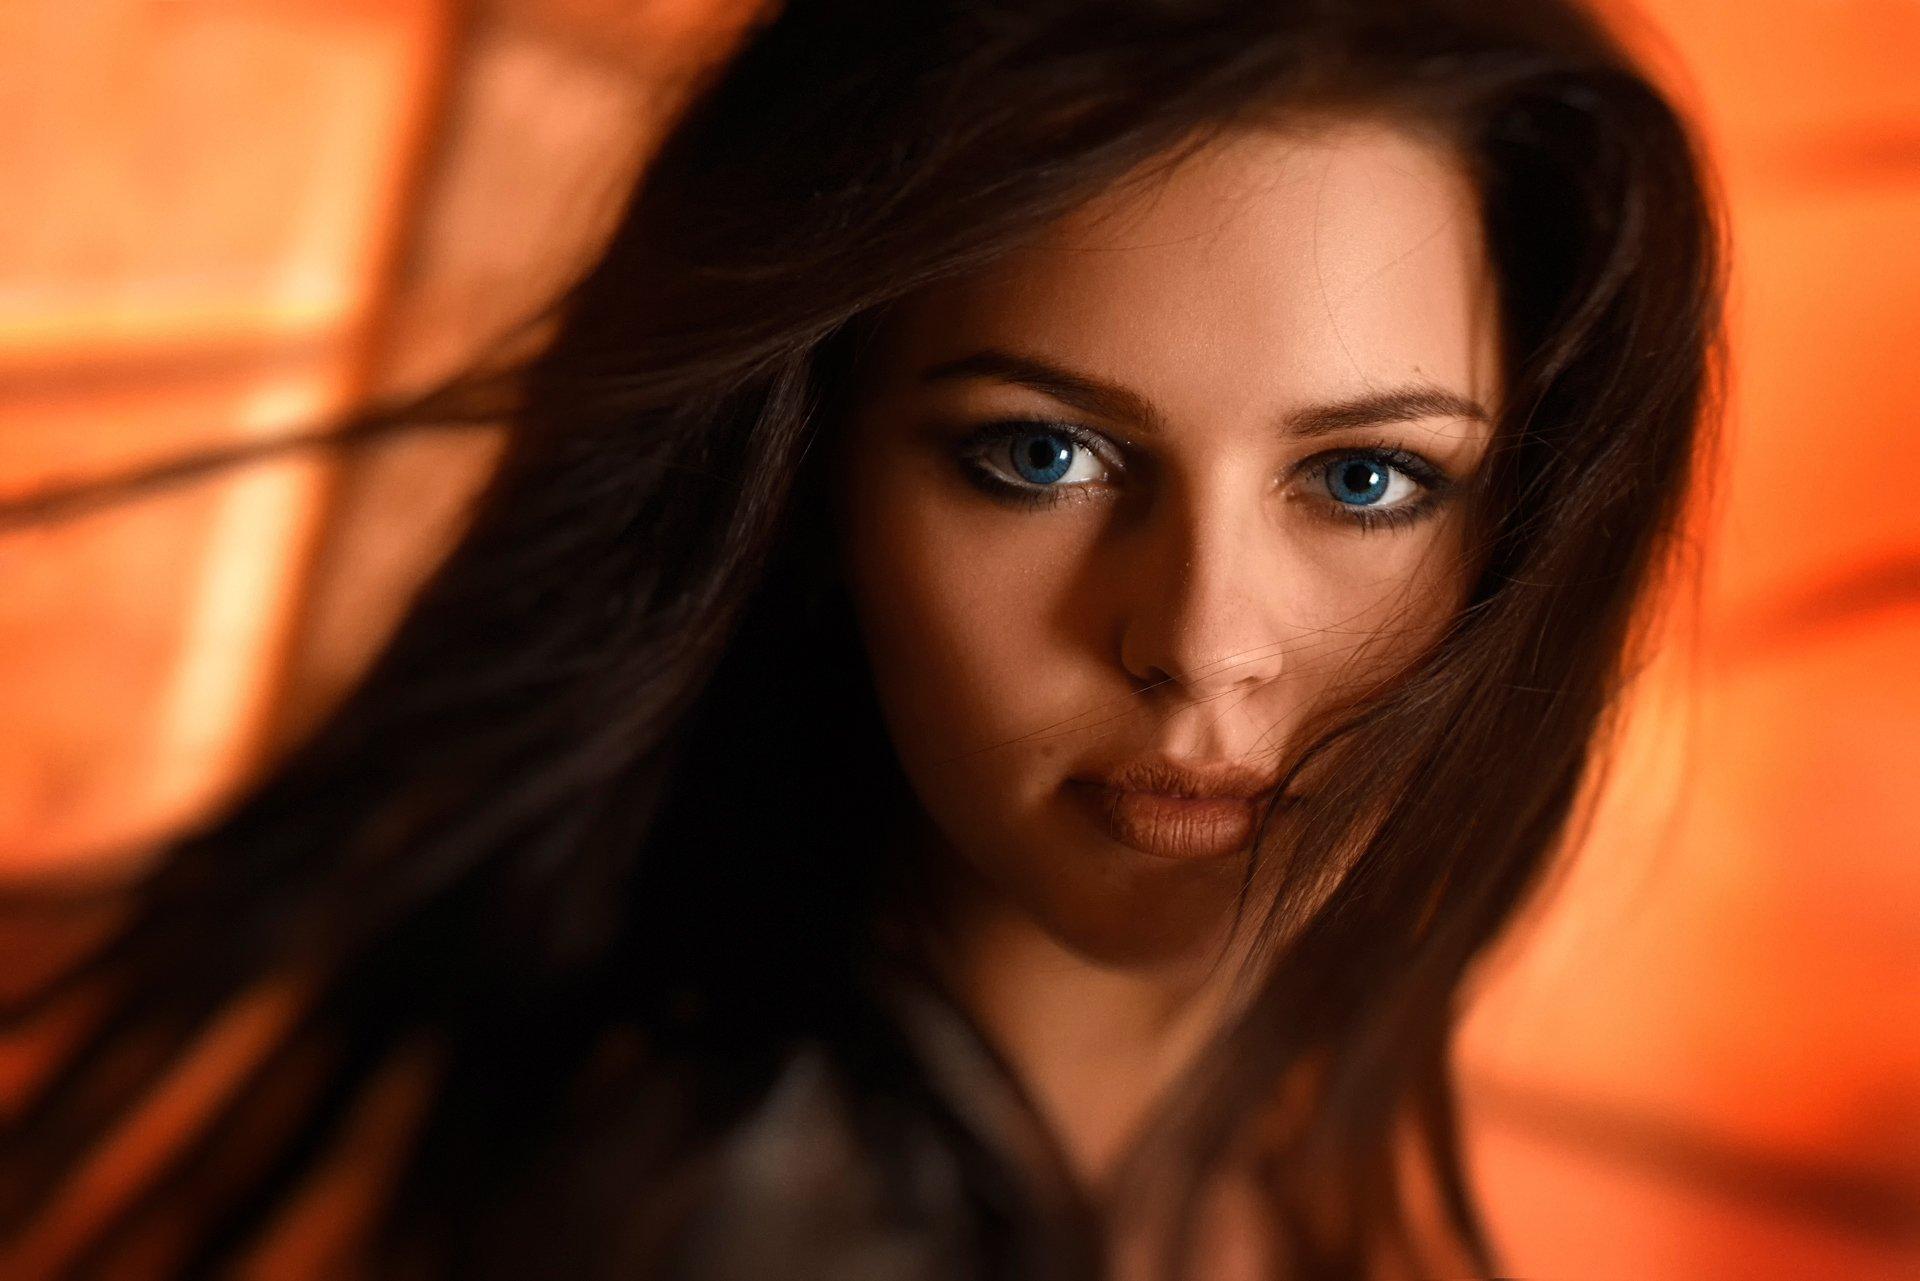 Картинки взгляд женщины